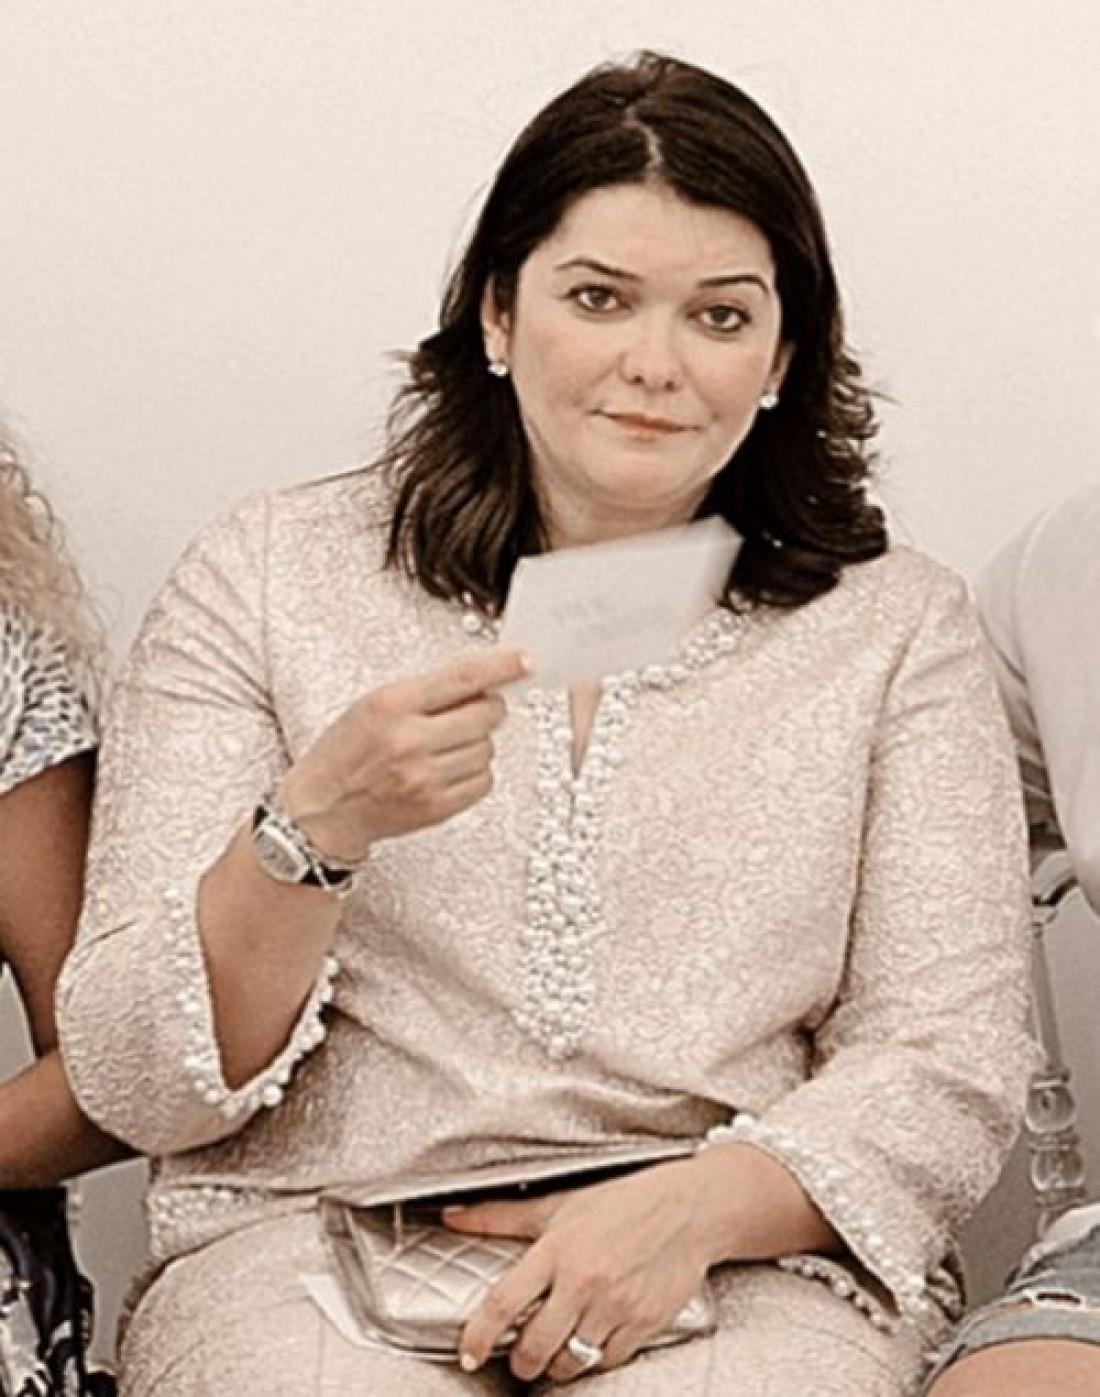 мать киркорова филиппа фото